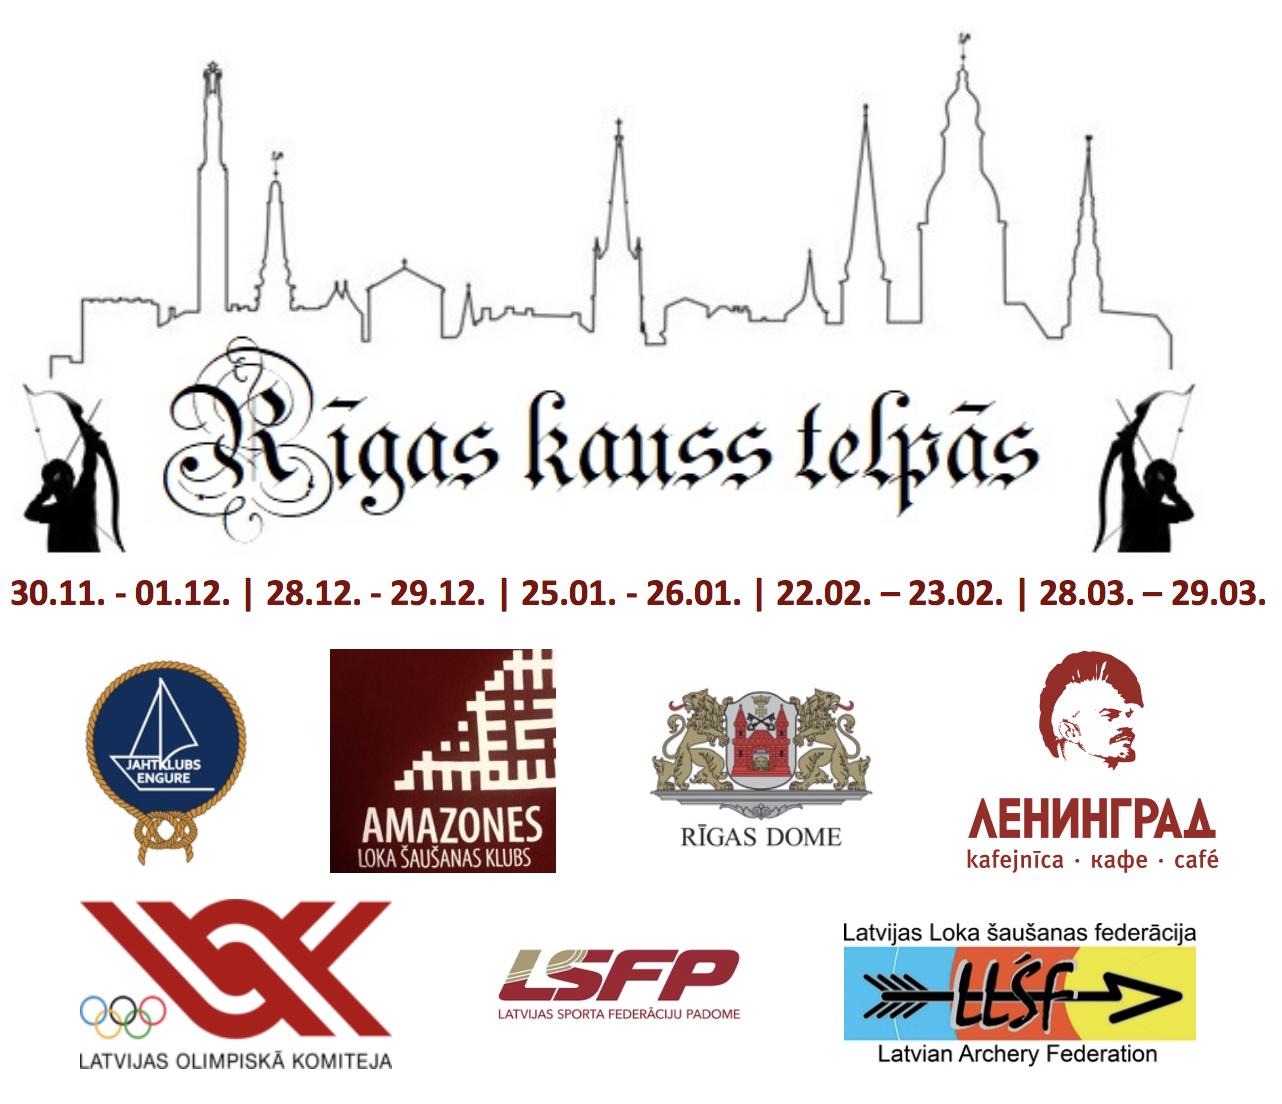 Rīgas Kauss Telpās ar logo un datumiem